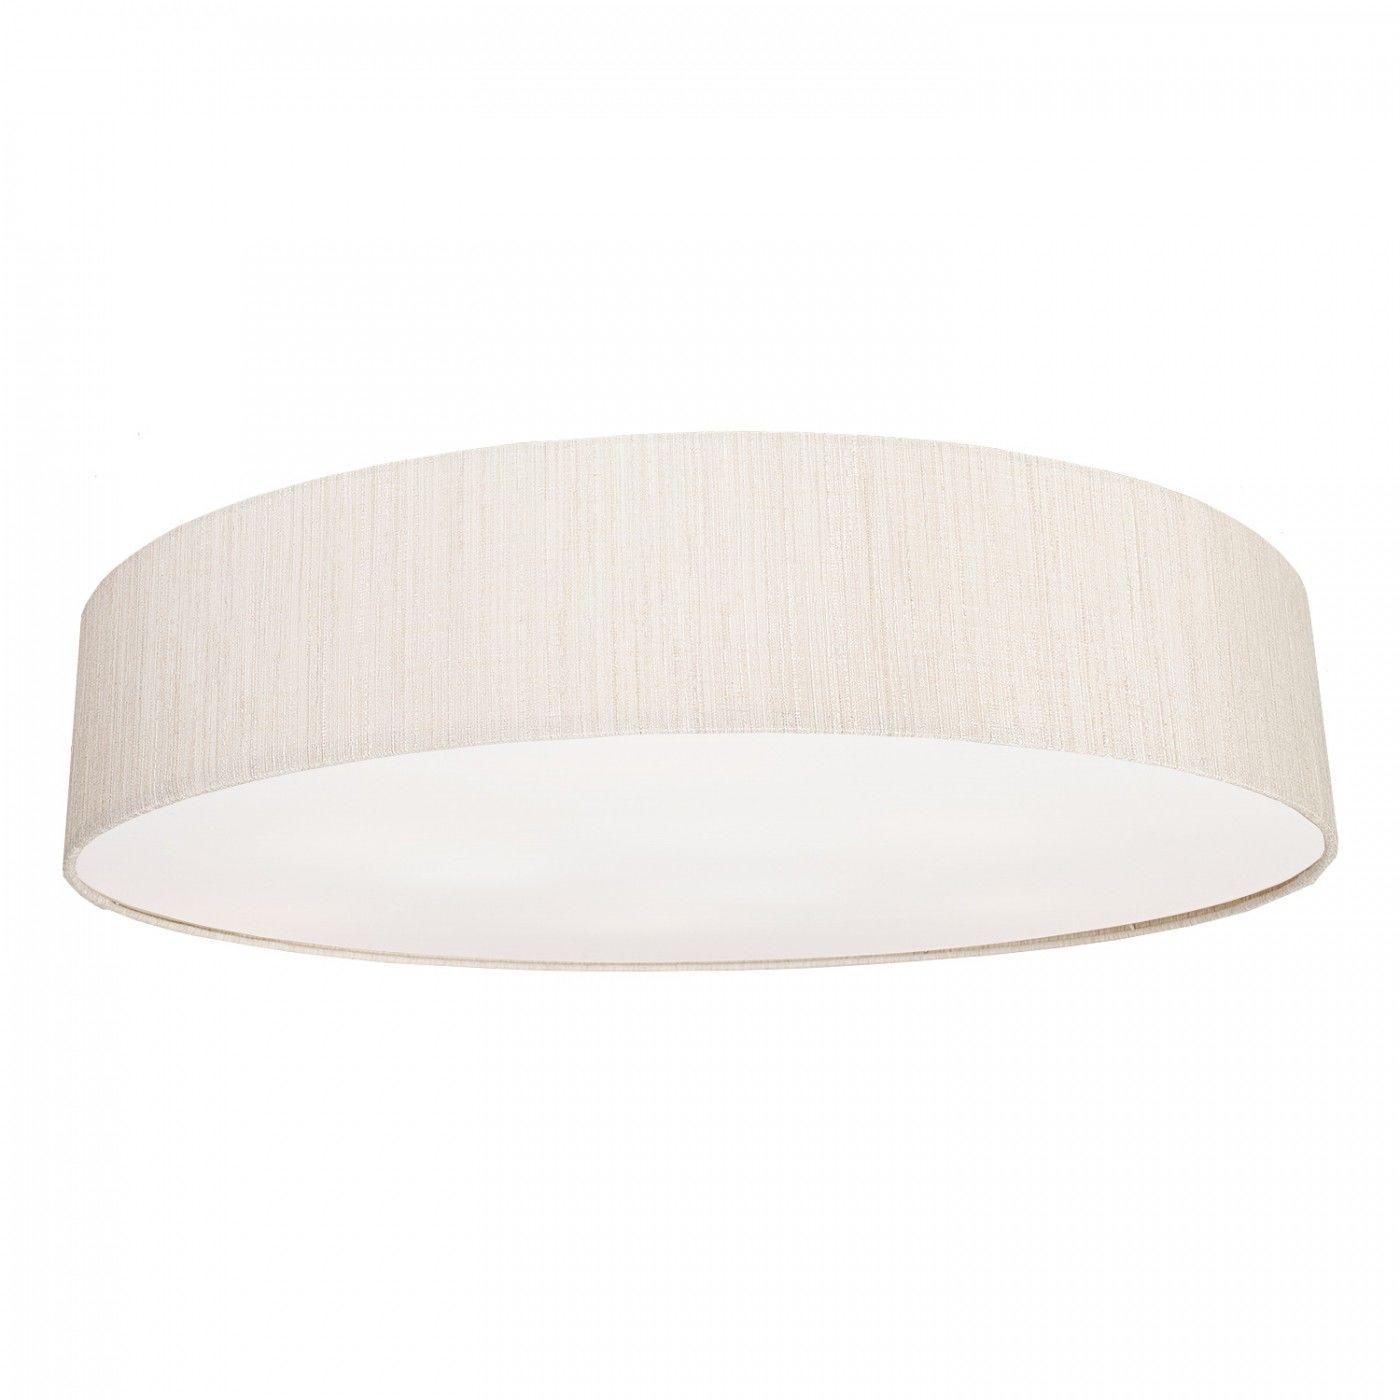 Plafon Turda 8958 Nowodvorski Lighting biało-srebrna okrągła oprawa sufitowa